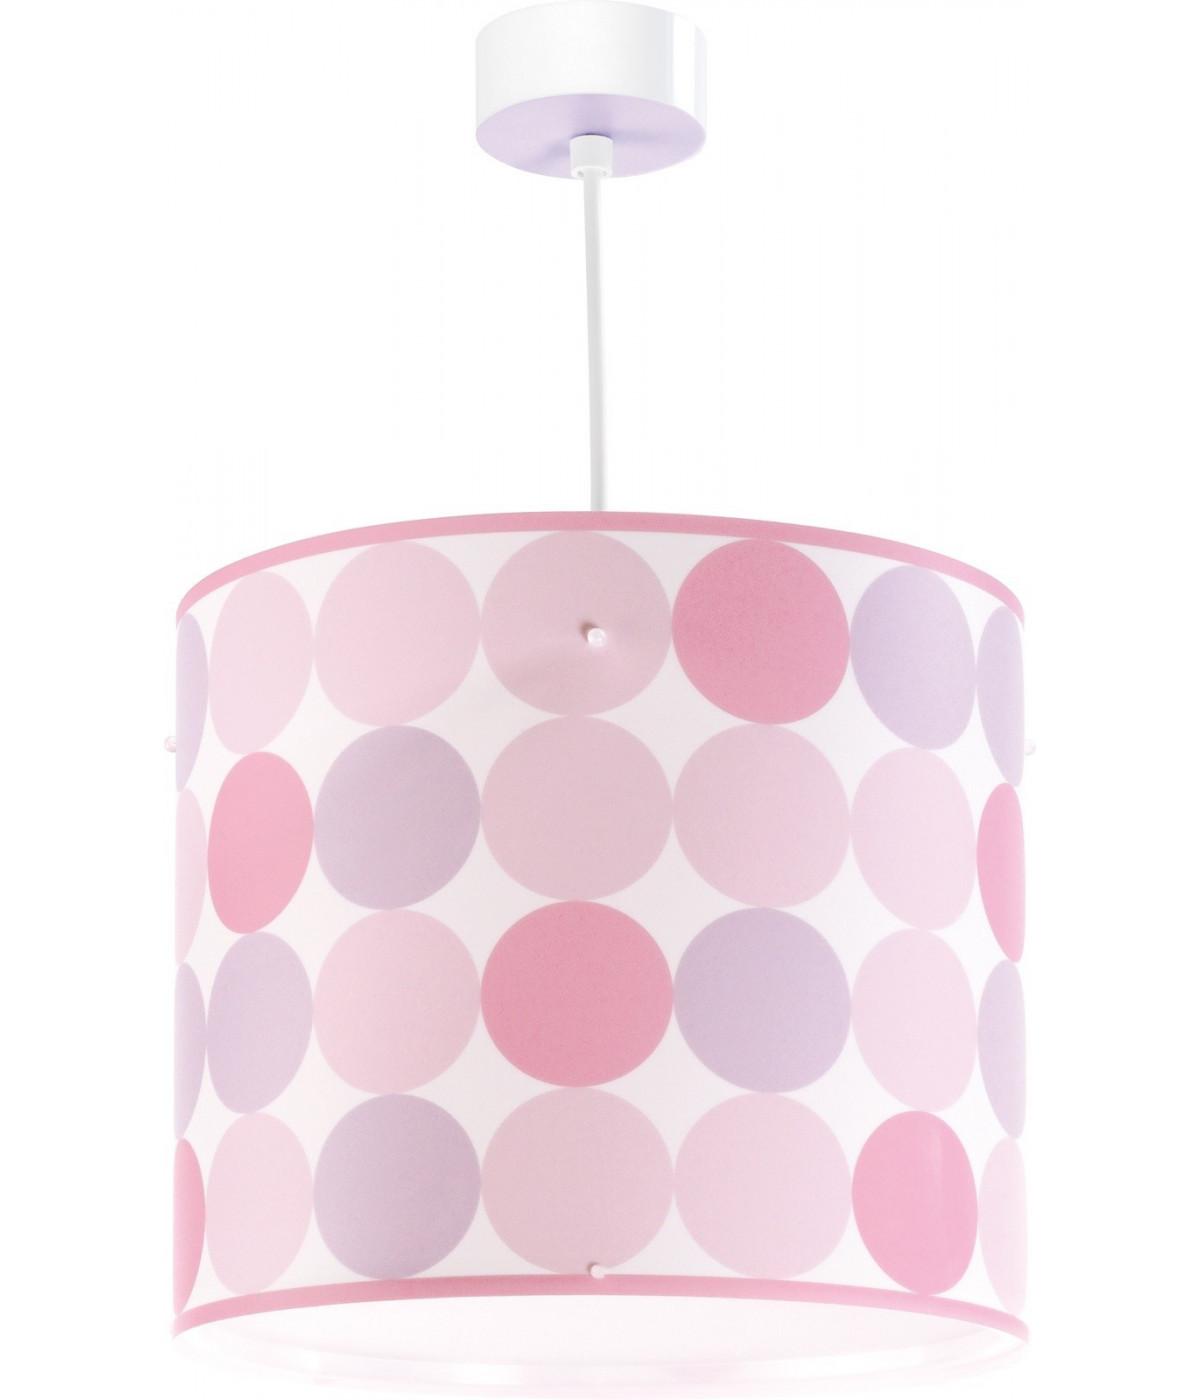 Candeeiro infantil de tecto Colors rosa